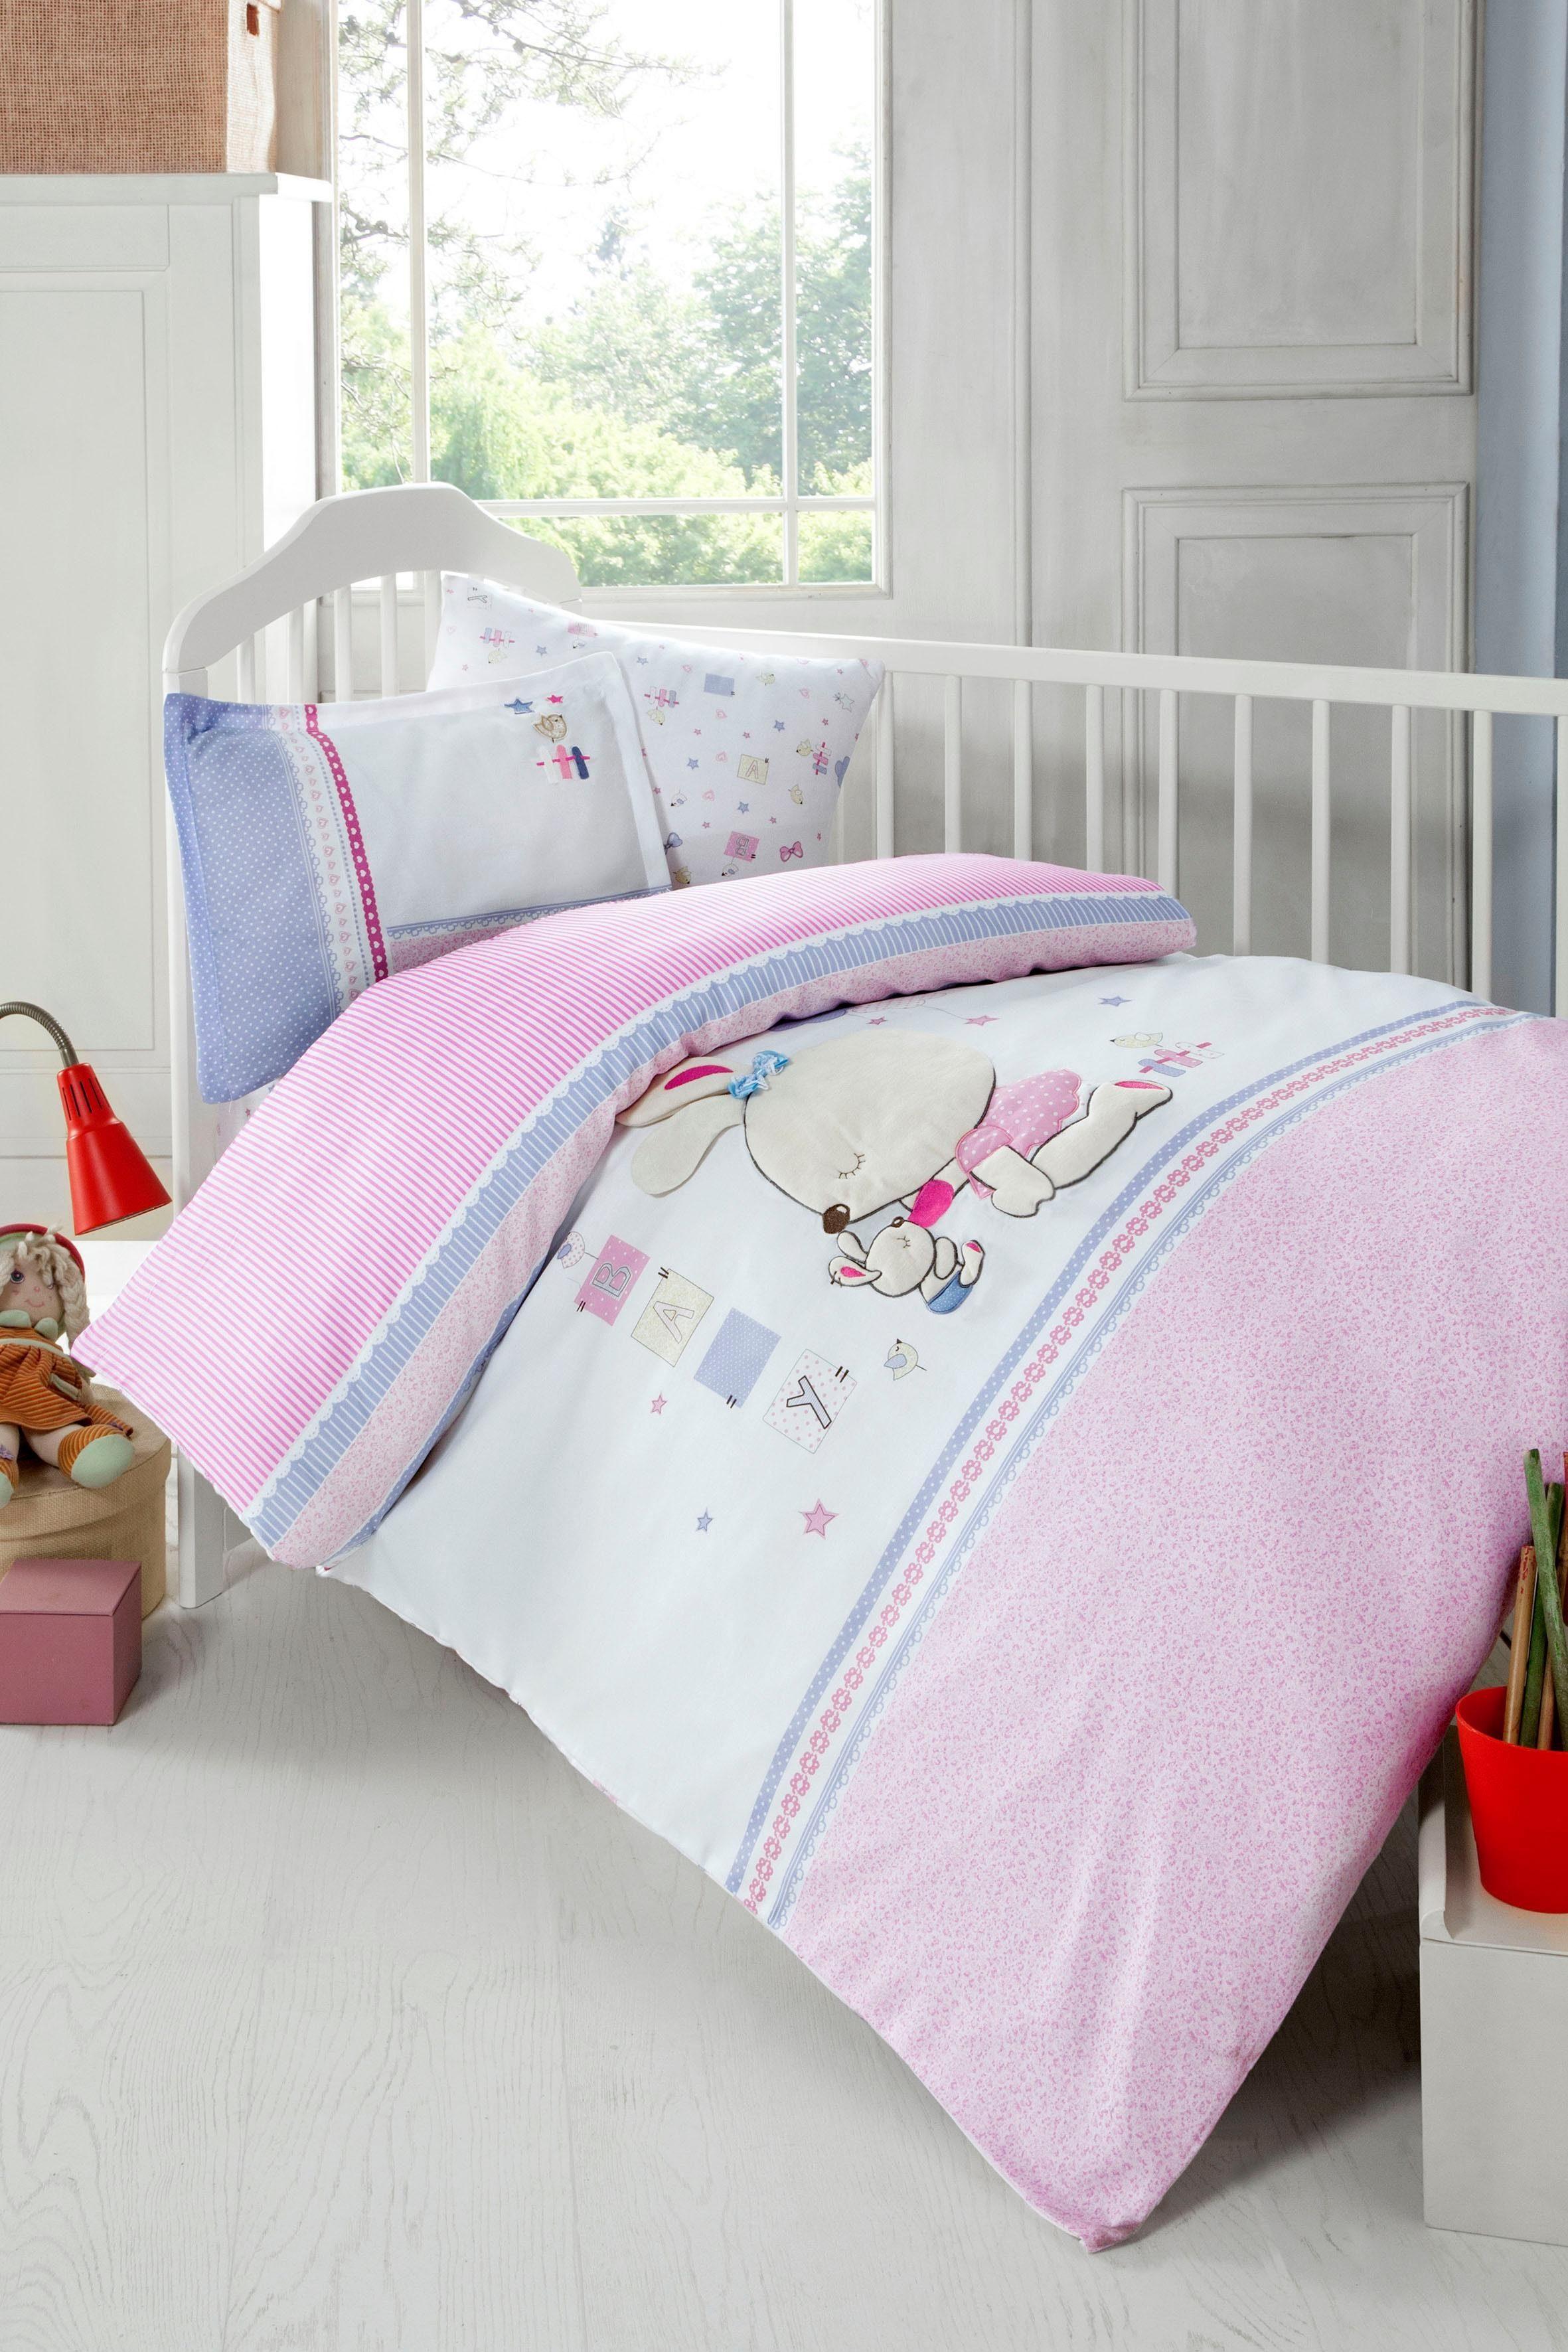 Babybettwäsche »Minni«, SEI Design, mit kleinen Hasen